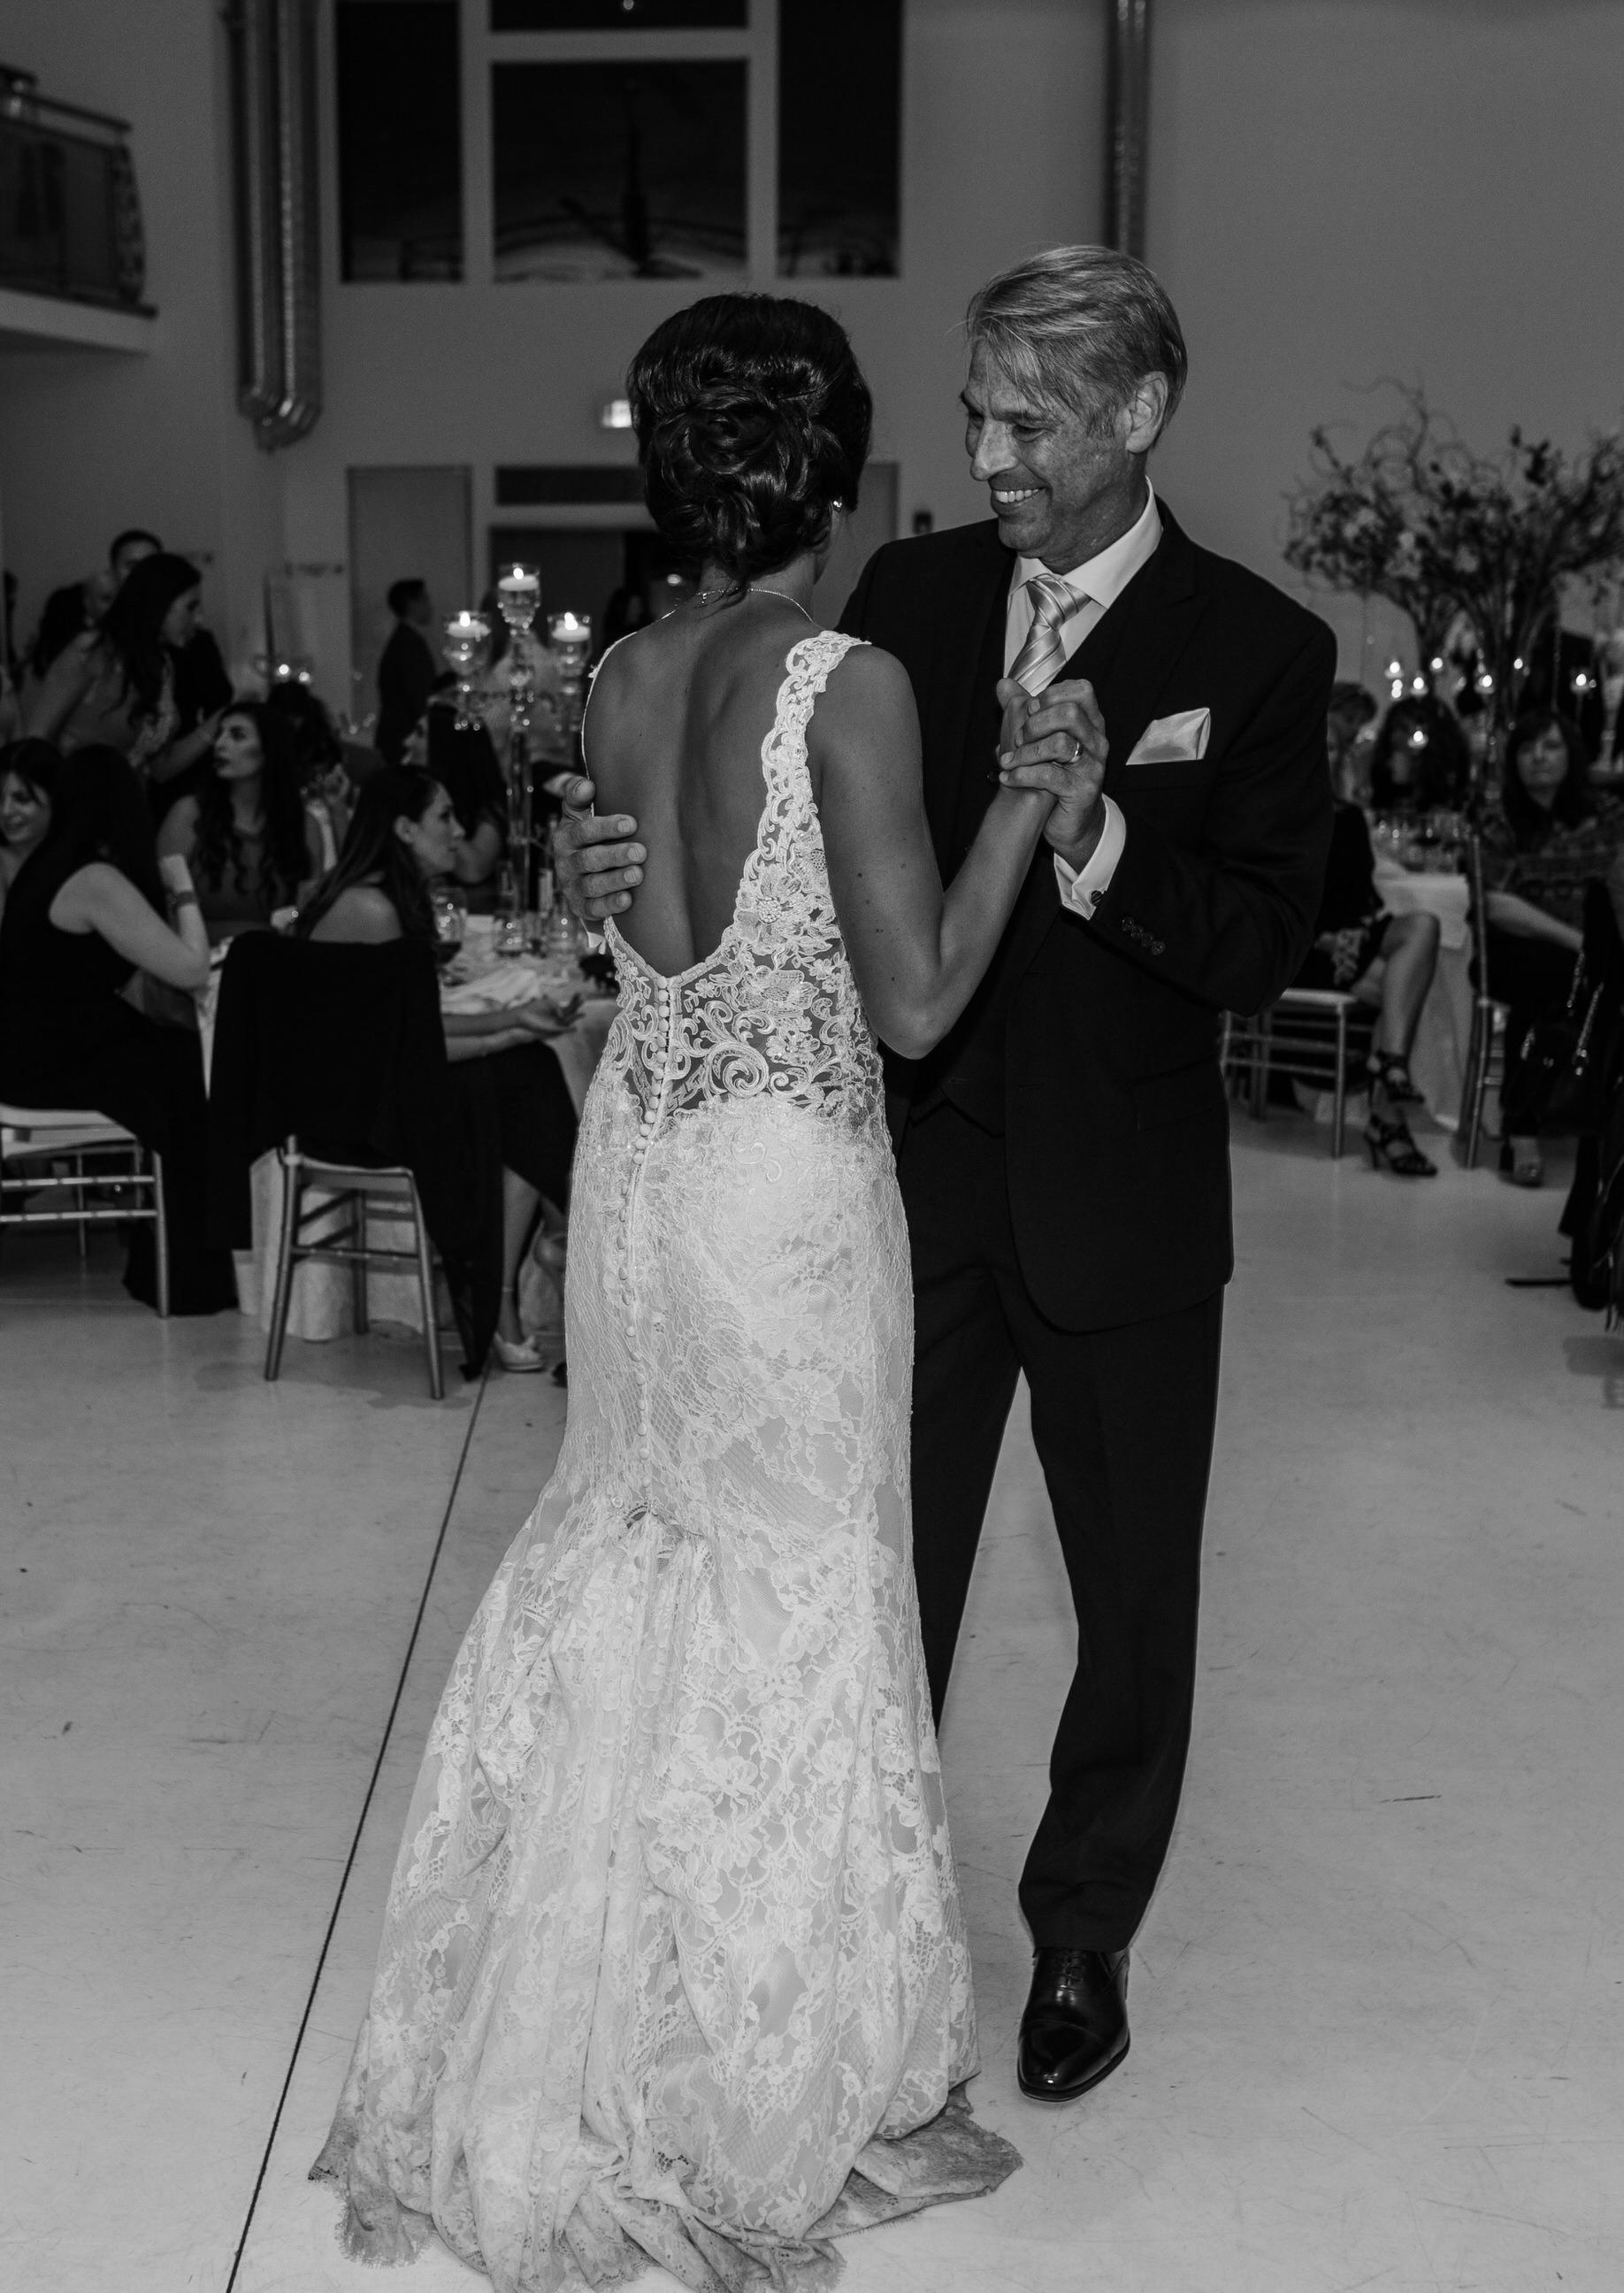 Pitt Meadows Wedding Photographer - Sky Hangar Wedding Photos - Vancouver Wedding Photographer & Videographer - Sunshine Coast Wedding Photos - Sunshine Coast Wedding Photographer - Jennifer Picard Photography - 1A5A6696-2.jpg